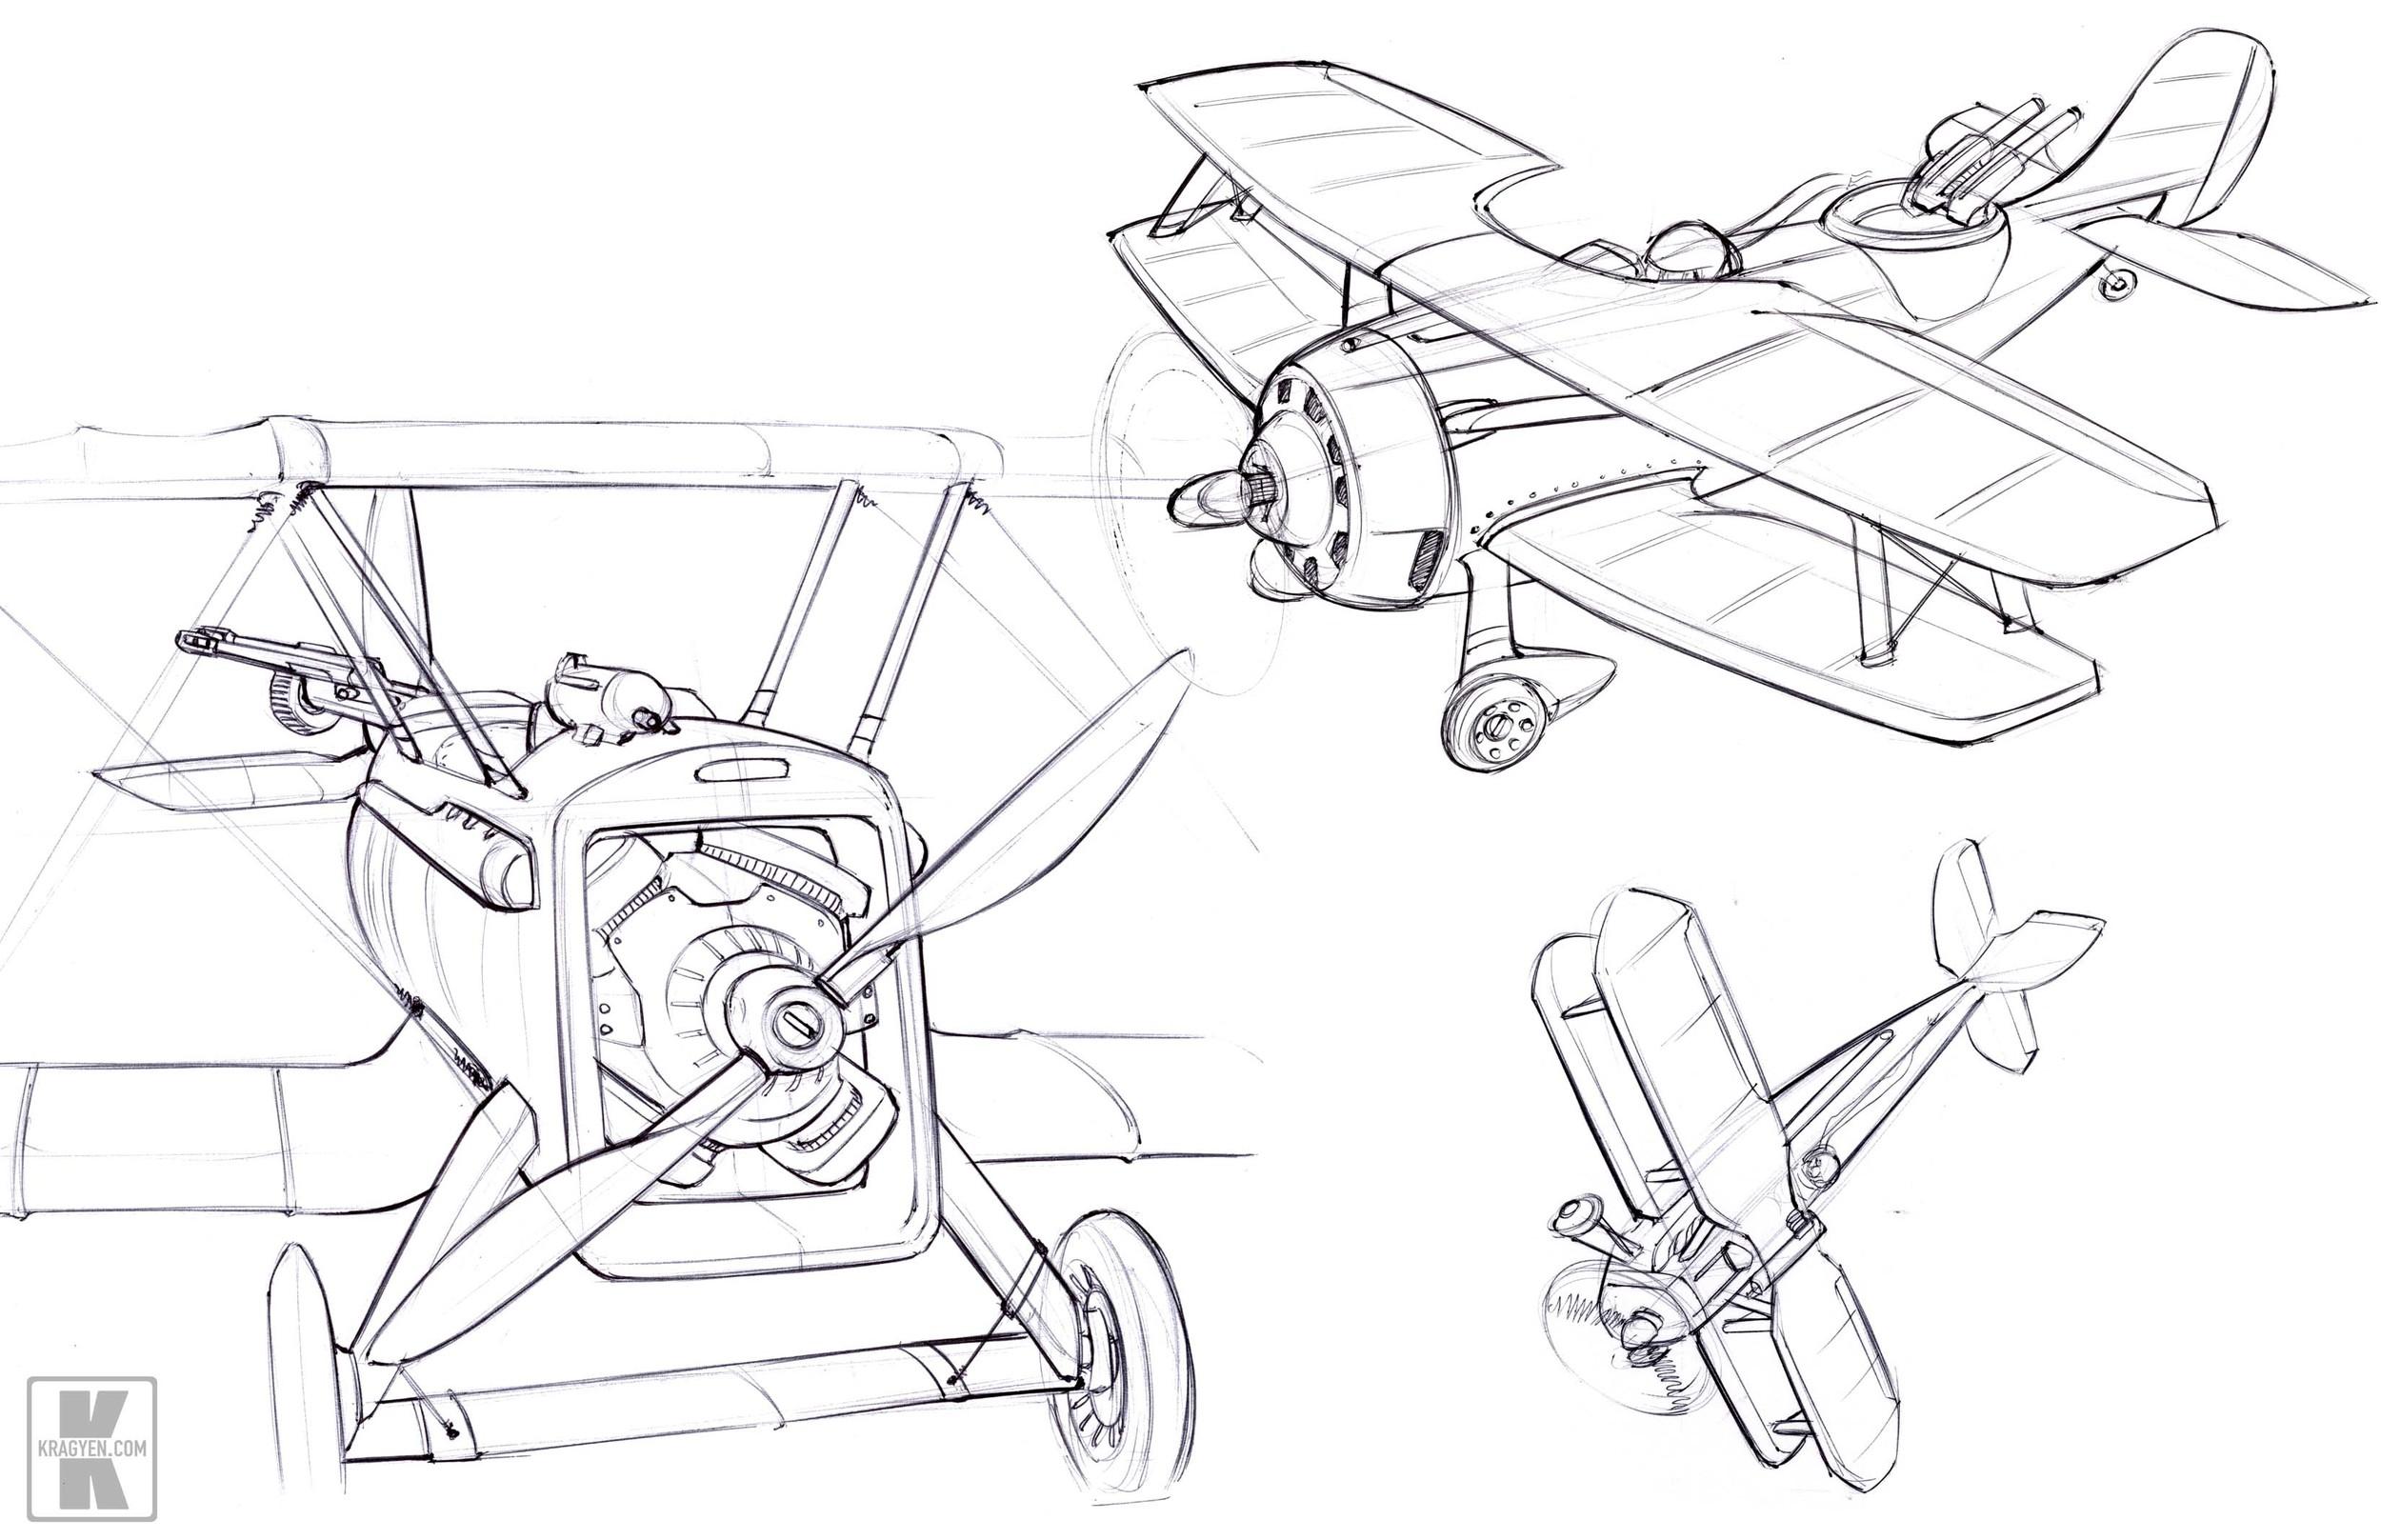 BiplaneDesign7.jpg